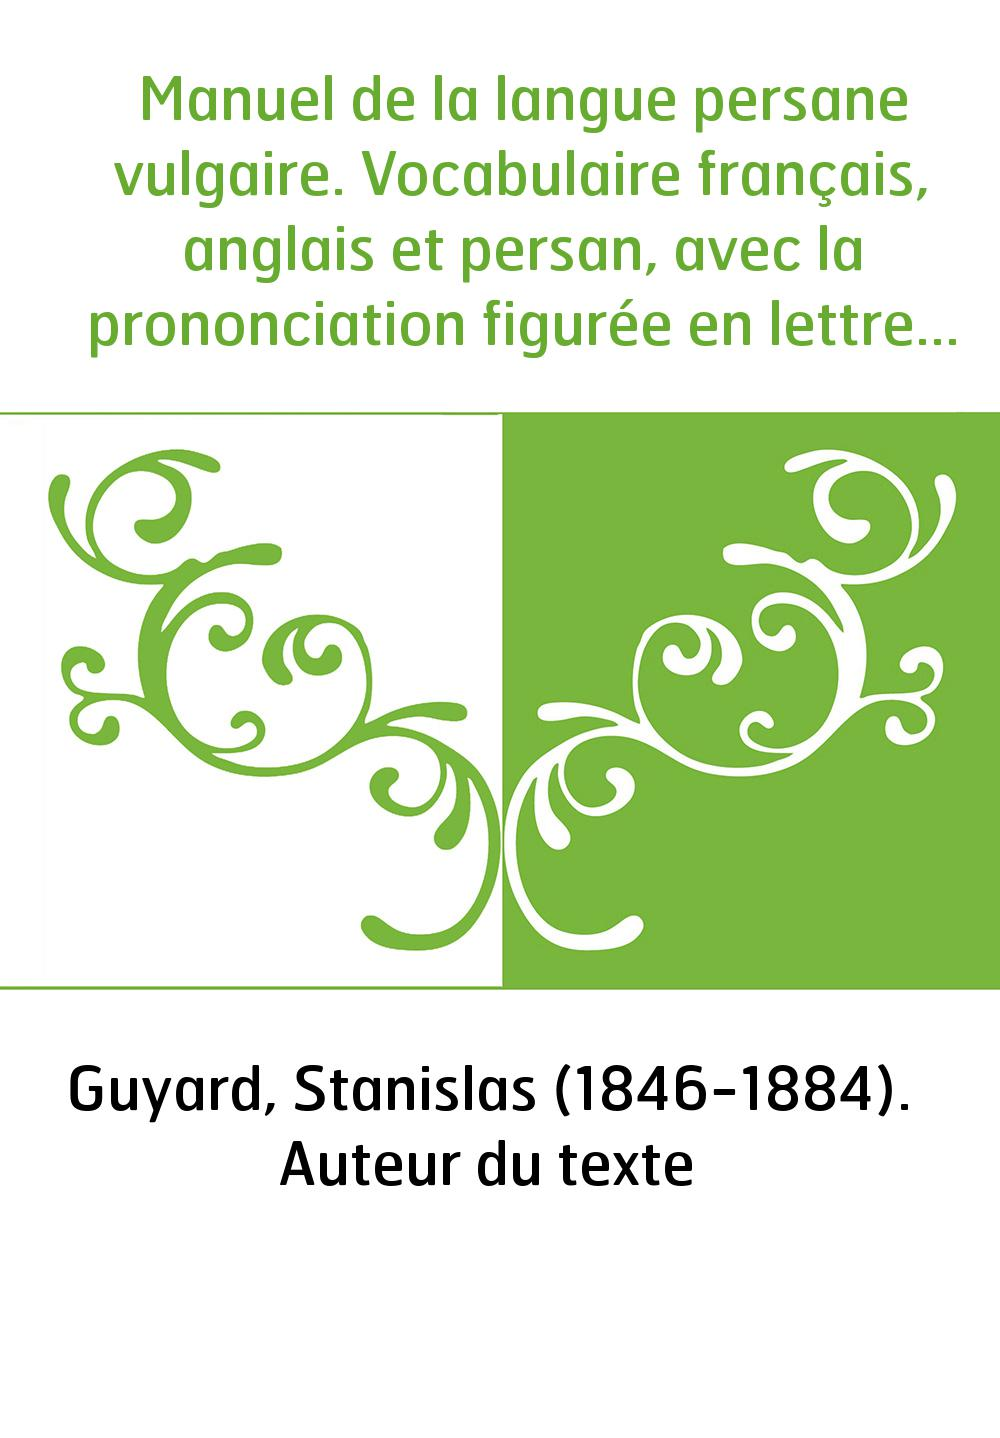 Manuel de la langue persane vulgaire. Vocabulaire français, anglais et persan, avec la prononciation figurée en lettres latines,